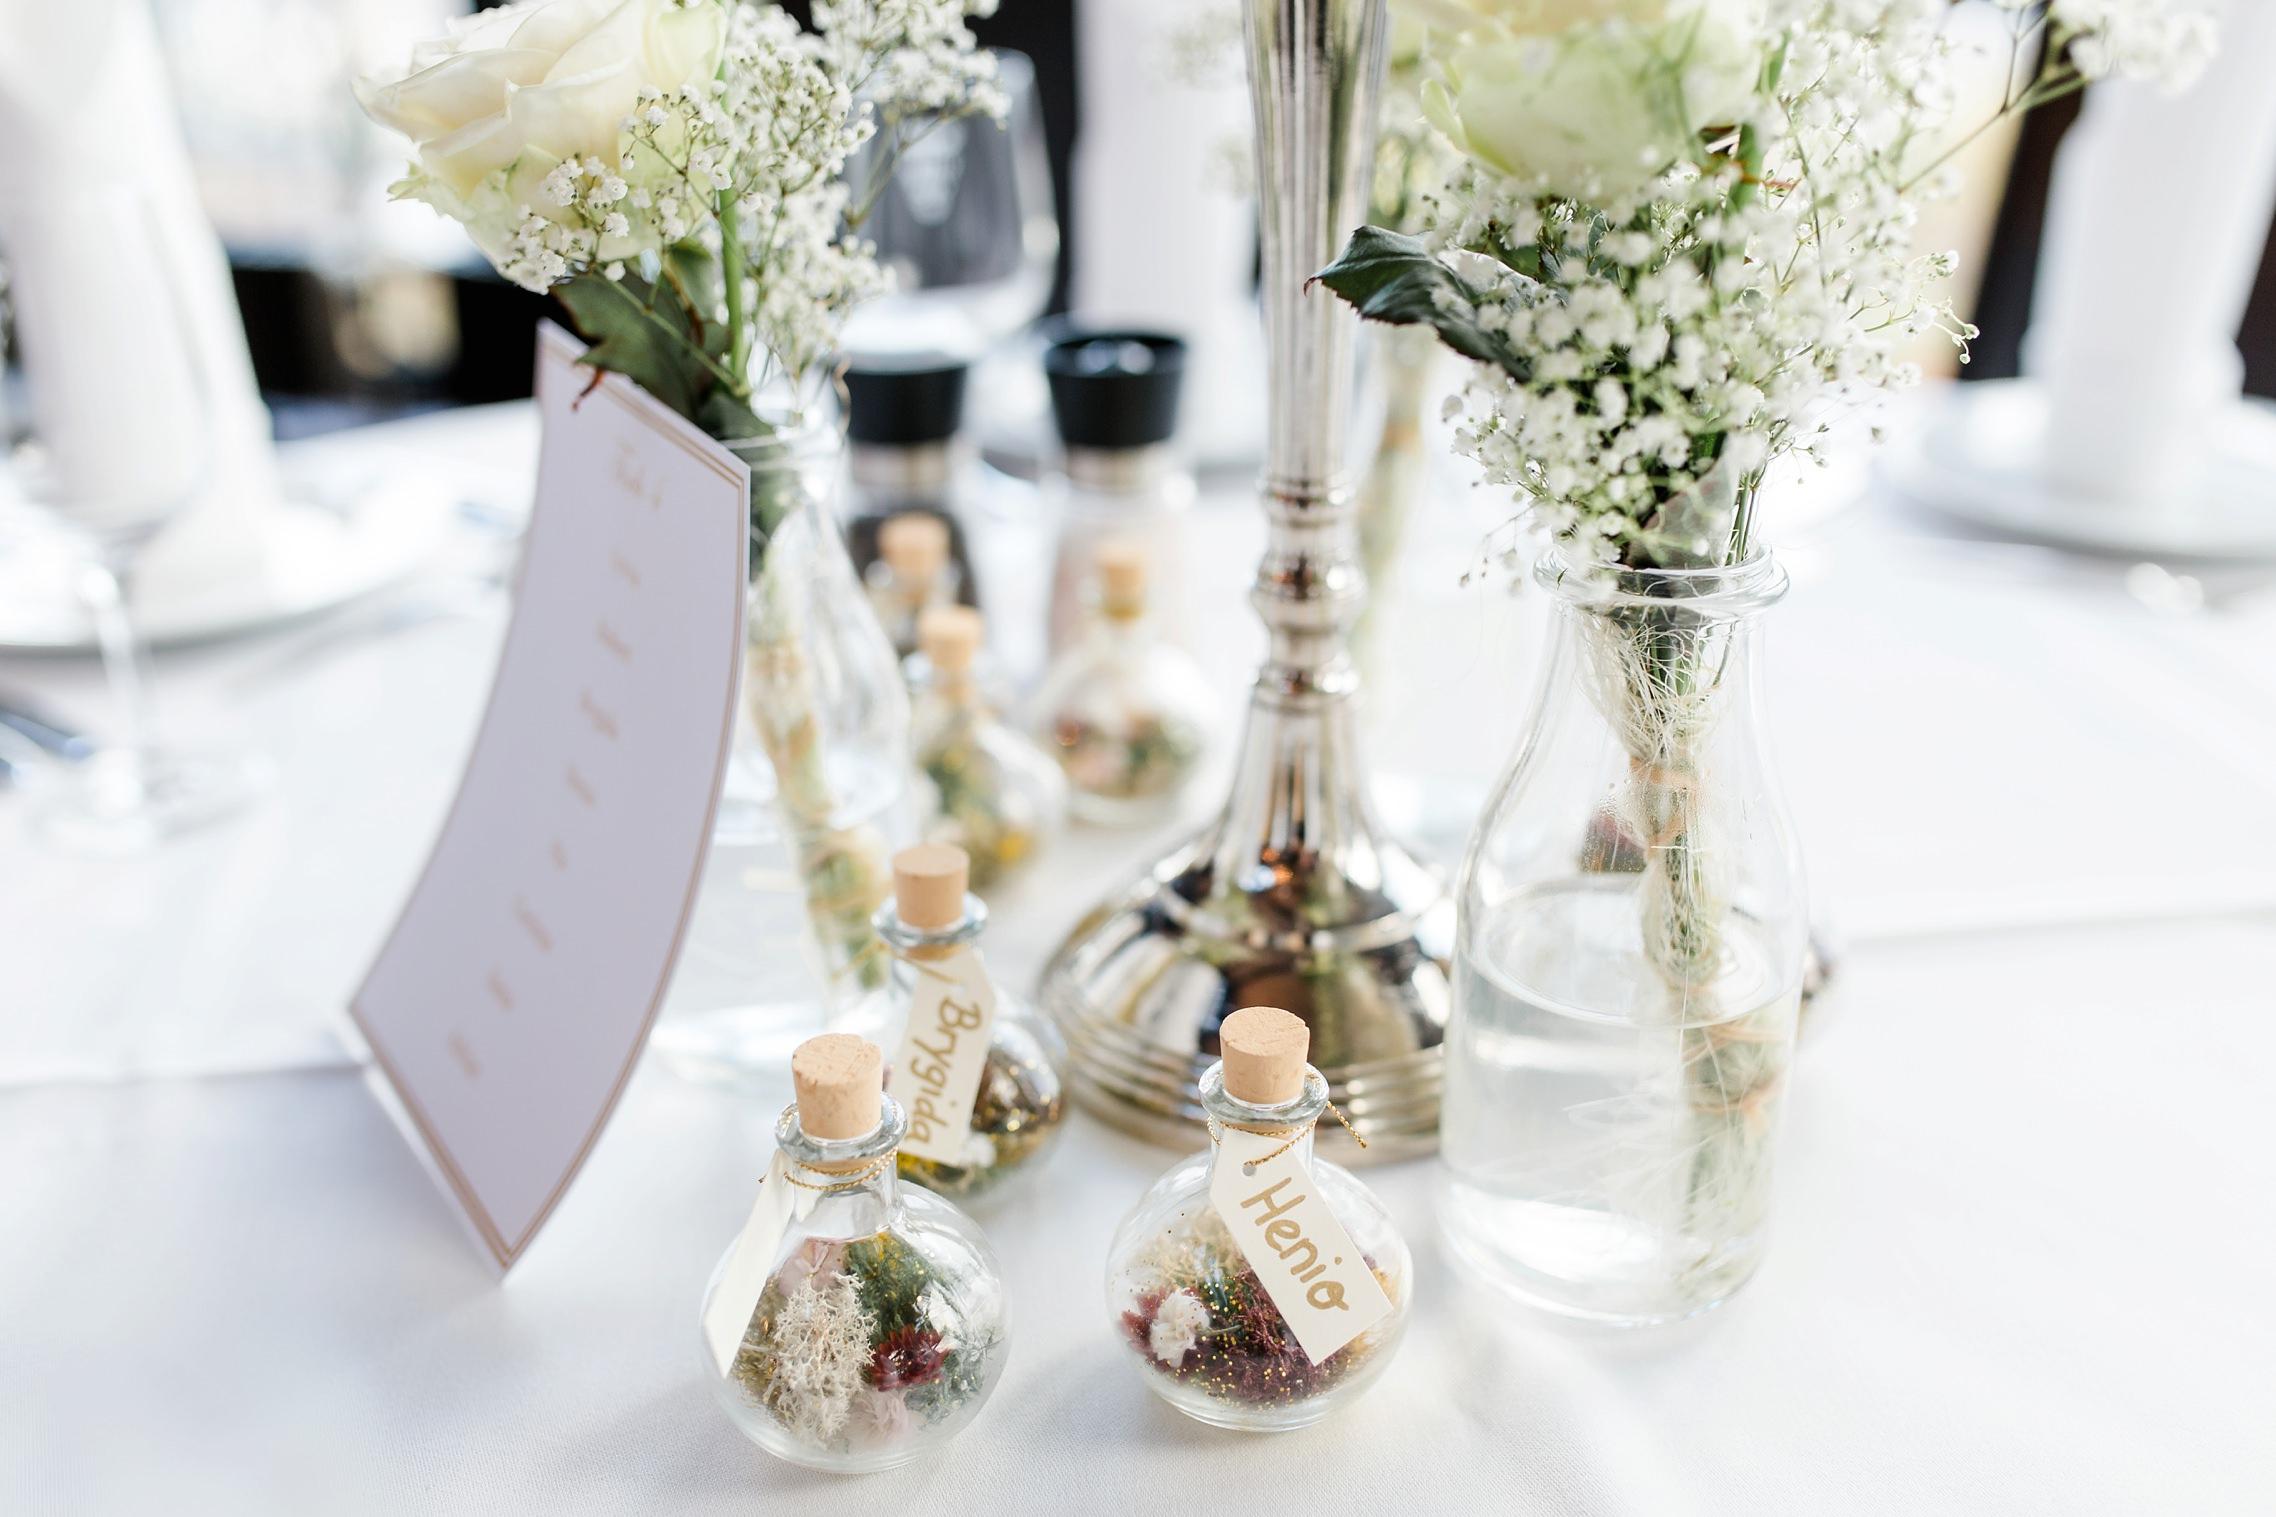 Tischdeko für die Hochzeitsfeier in der Villa Vue in Essen